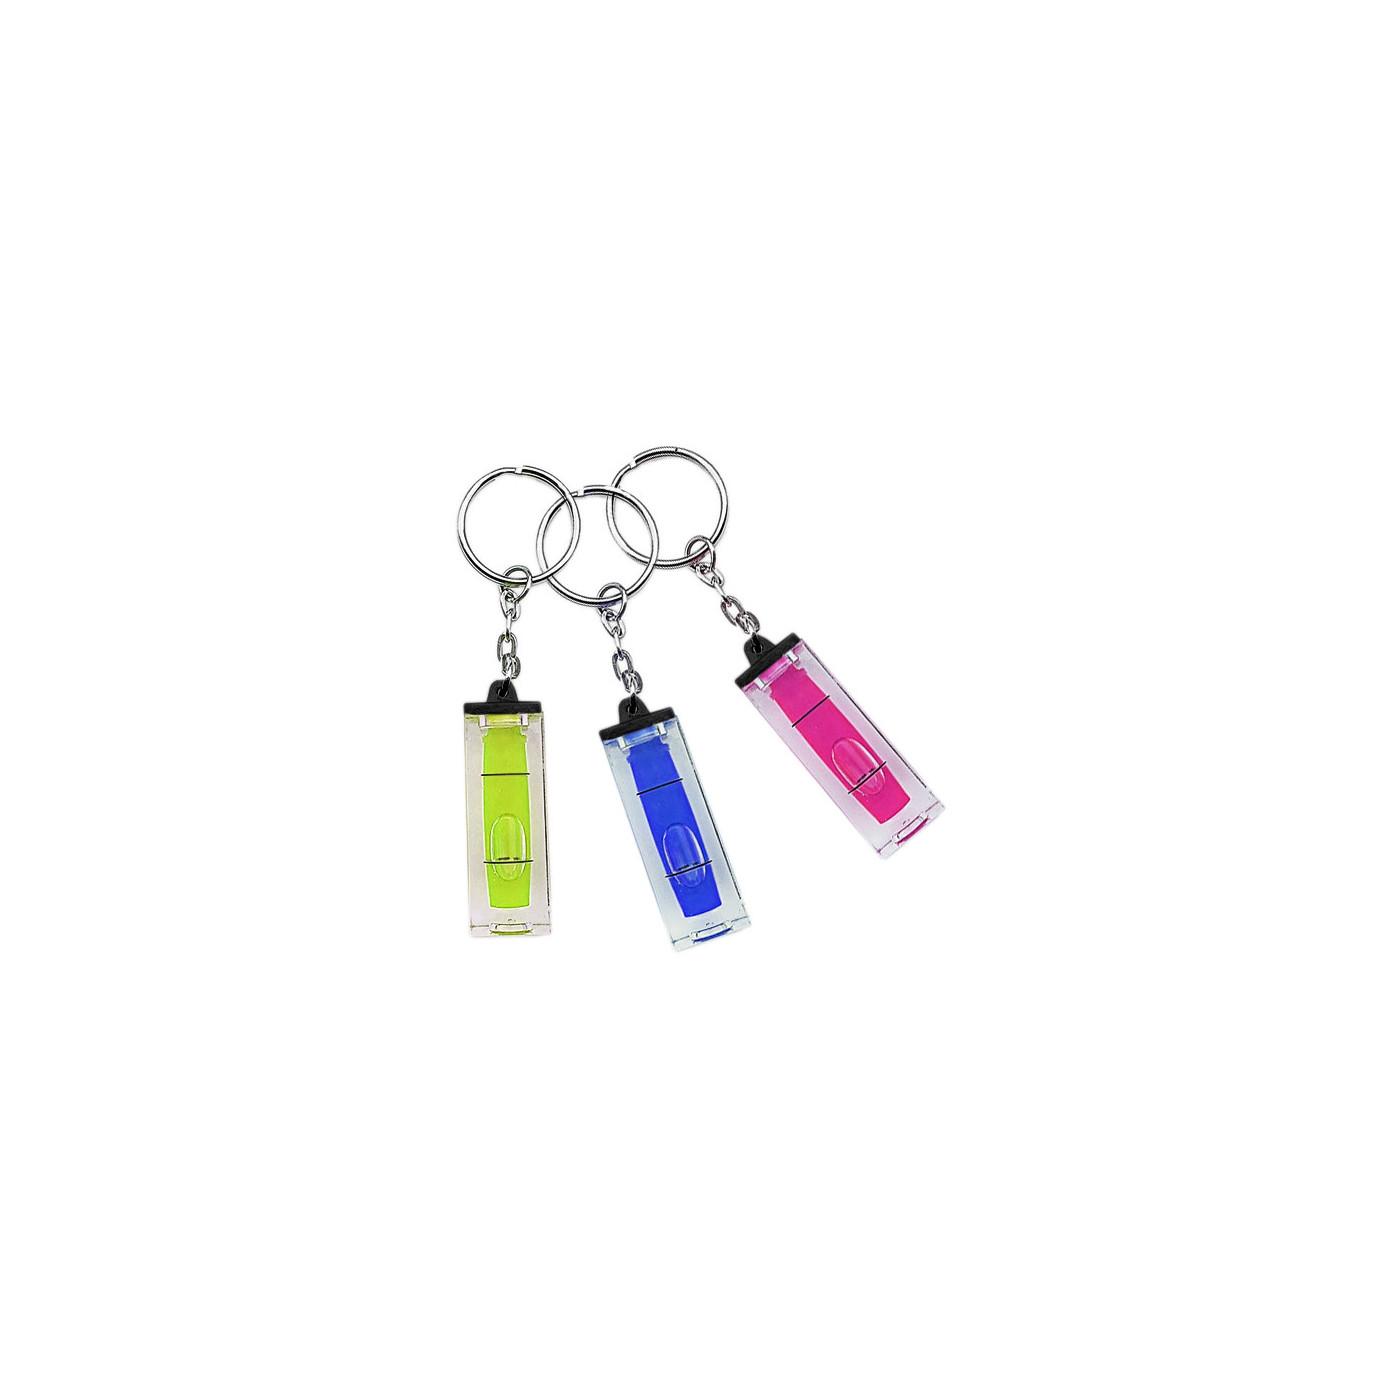 Ensemble de 20 porte-clés avec niveau à bulle (violet)  - 1